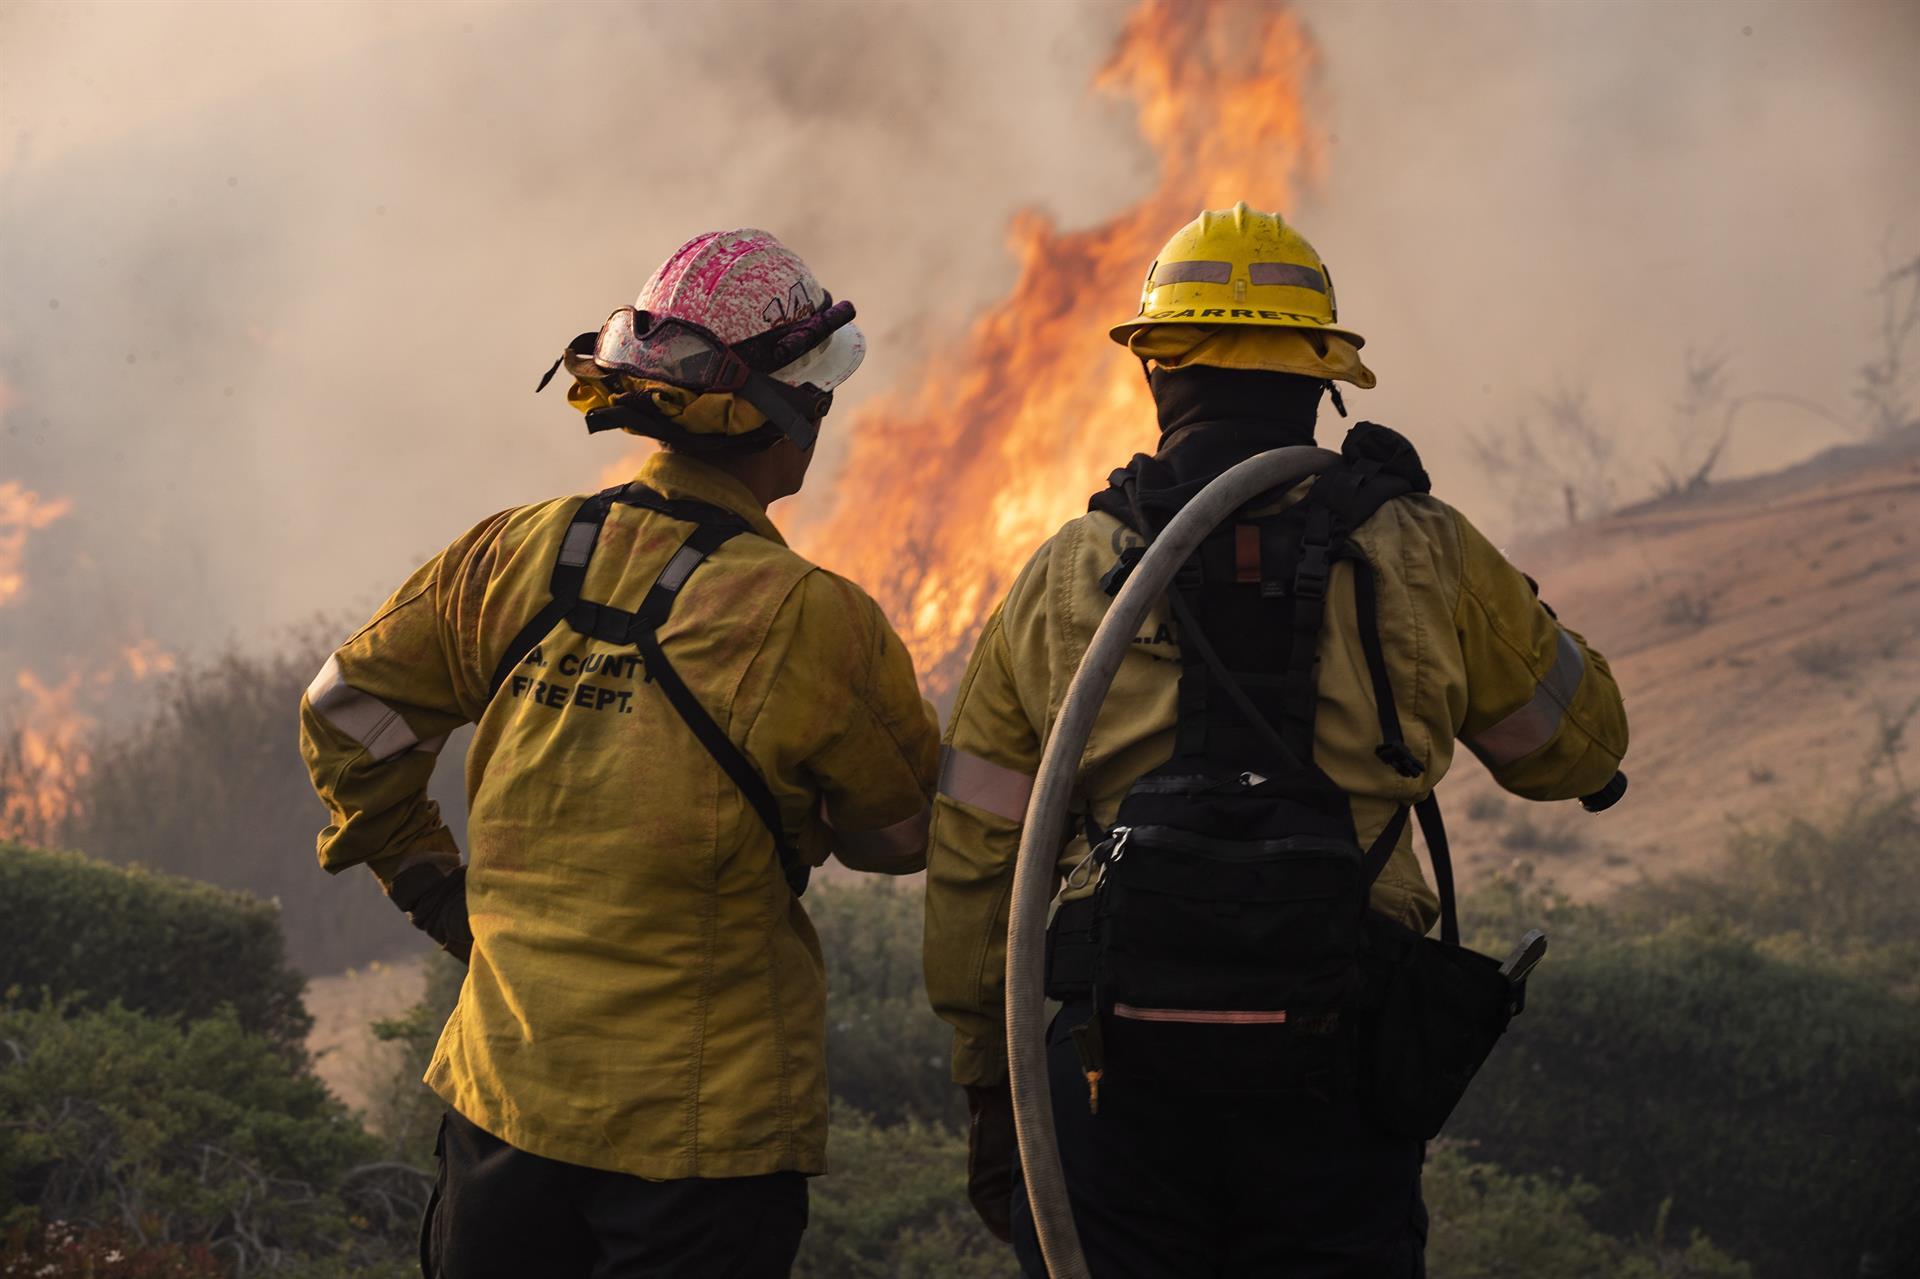 Incendio en California destruye toda una ciudad, obligan a evacuar a miles de personas